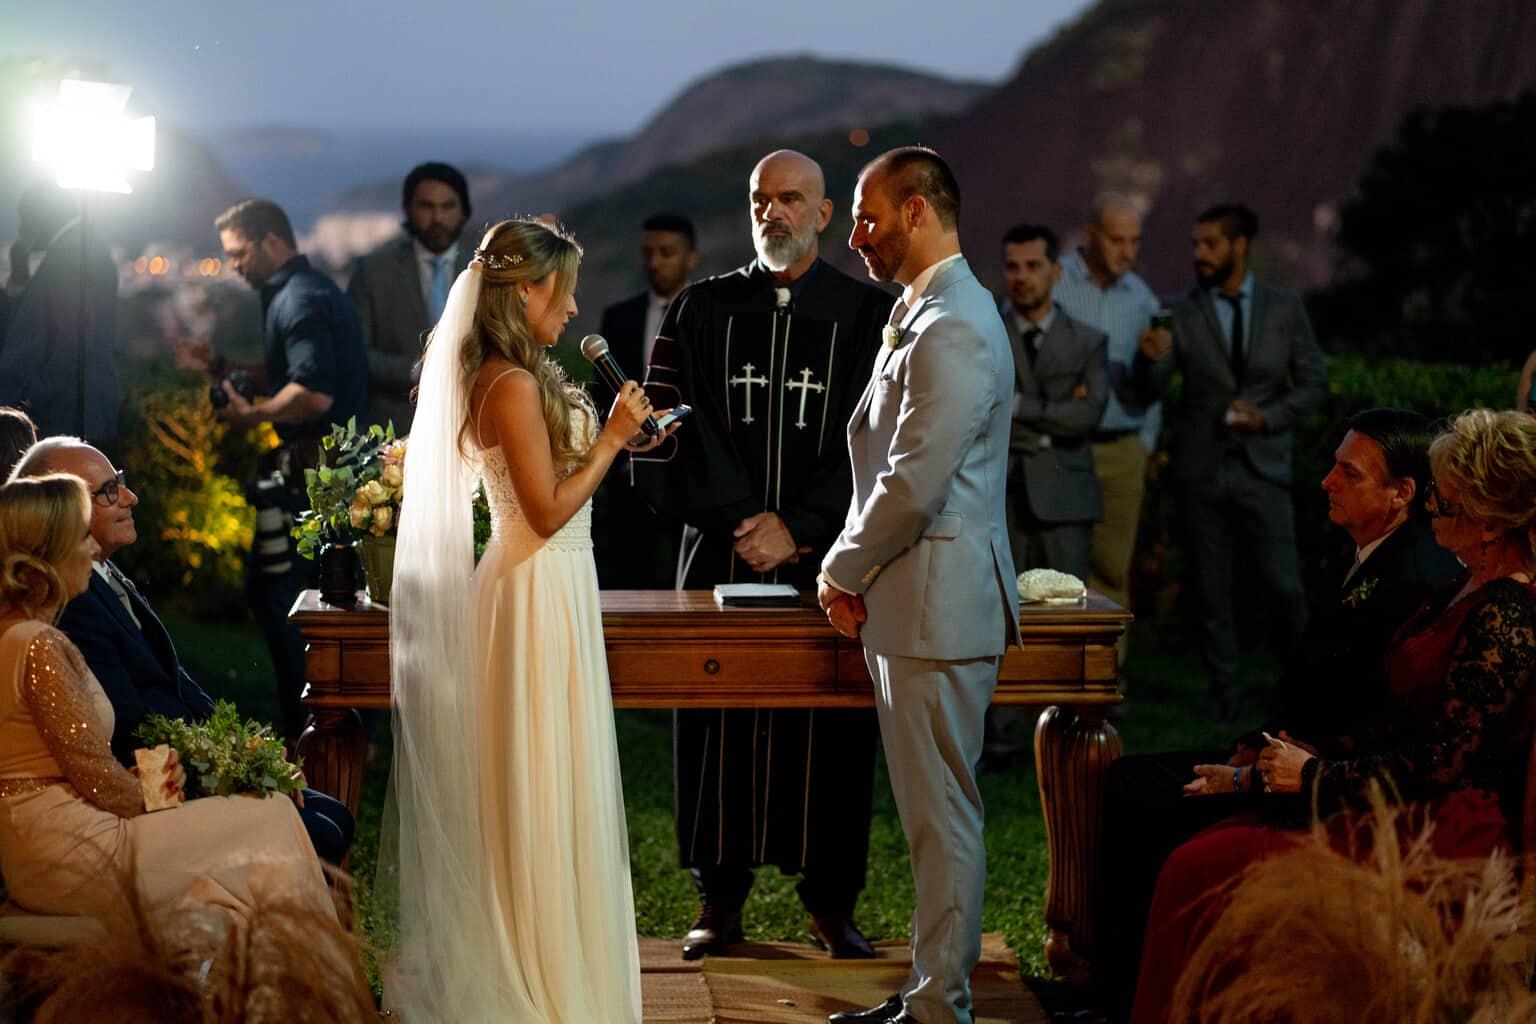 Casamento-Heloisa-e-Eduardo-Bolsonaro-cerimonia-ao-ar-livre-cerimonial-Márcia-Santiago-Fotografia-Davi-Nascimento-noivos-no-altar19